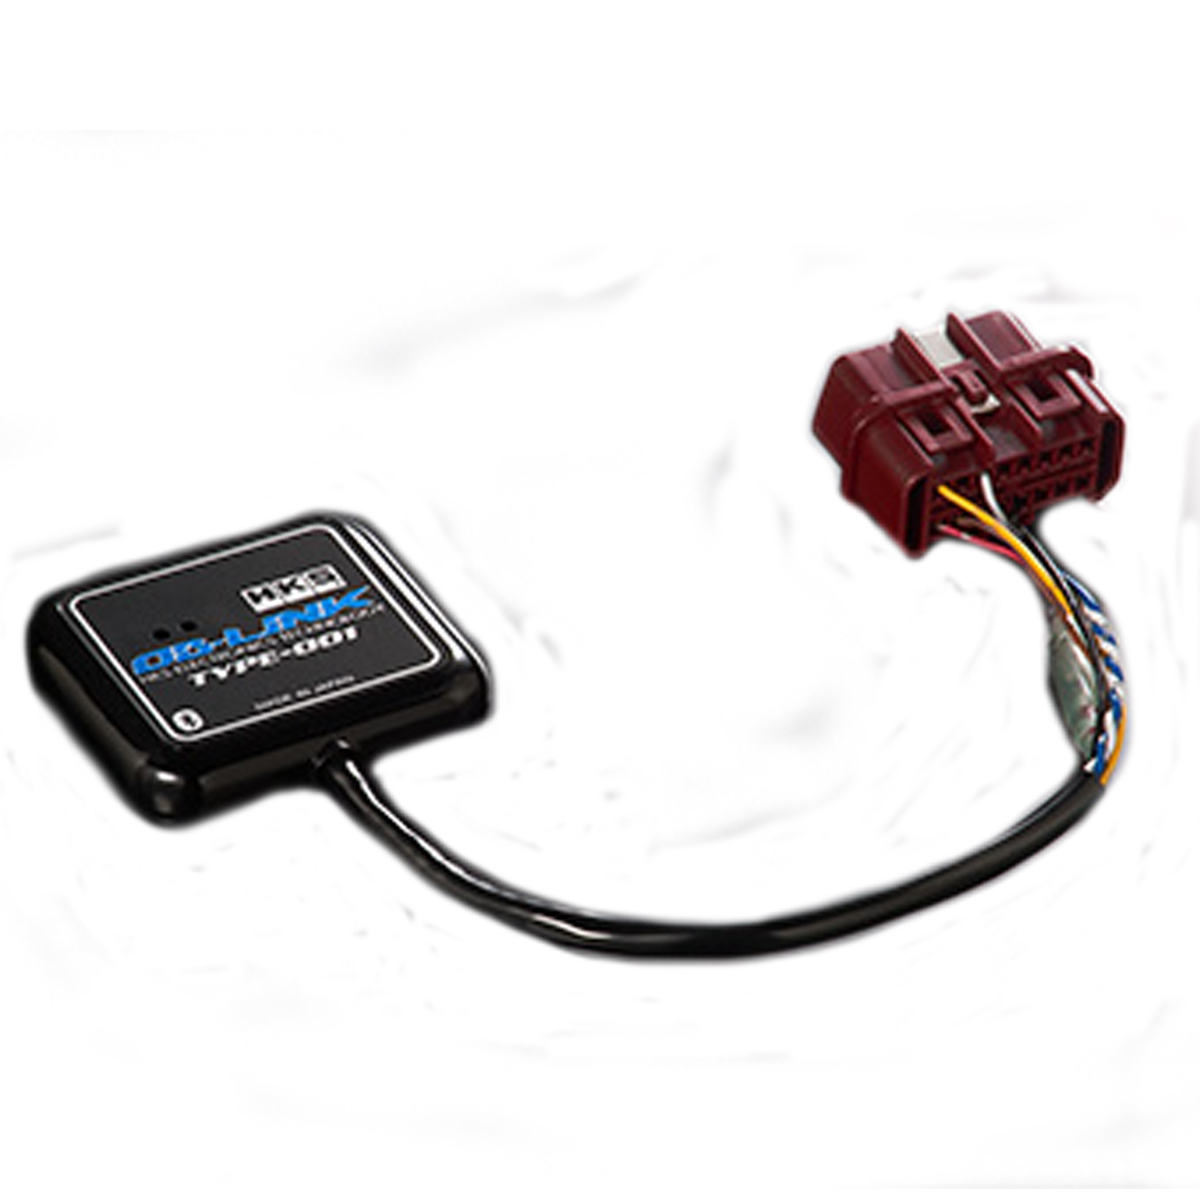 レガシィB4 OBリンク モニター OBリンク タイプ タイプ 001 BMM HKS 44009-AK002 44009-AK002 エレクトリニクス, ゲンセンカン:56a3e741 --- sunward.msk.ru